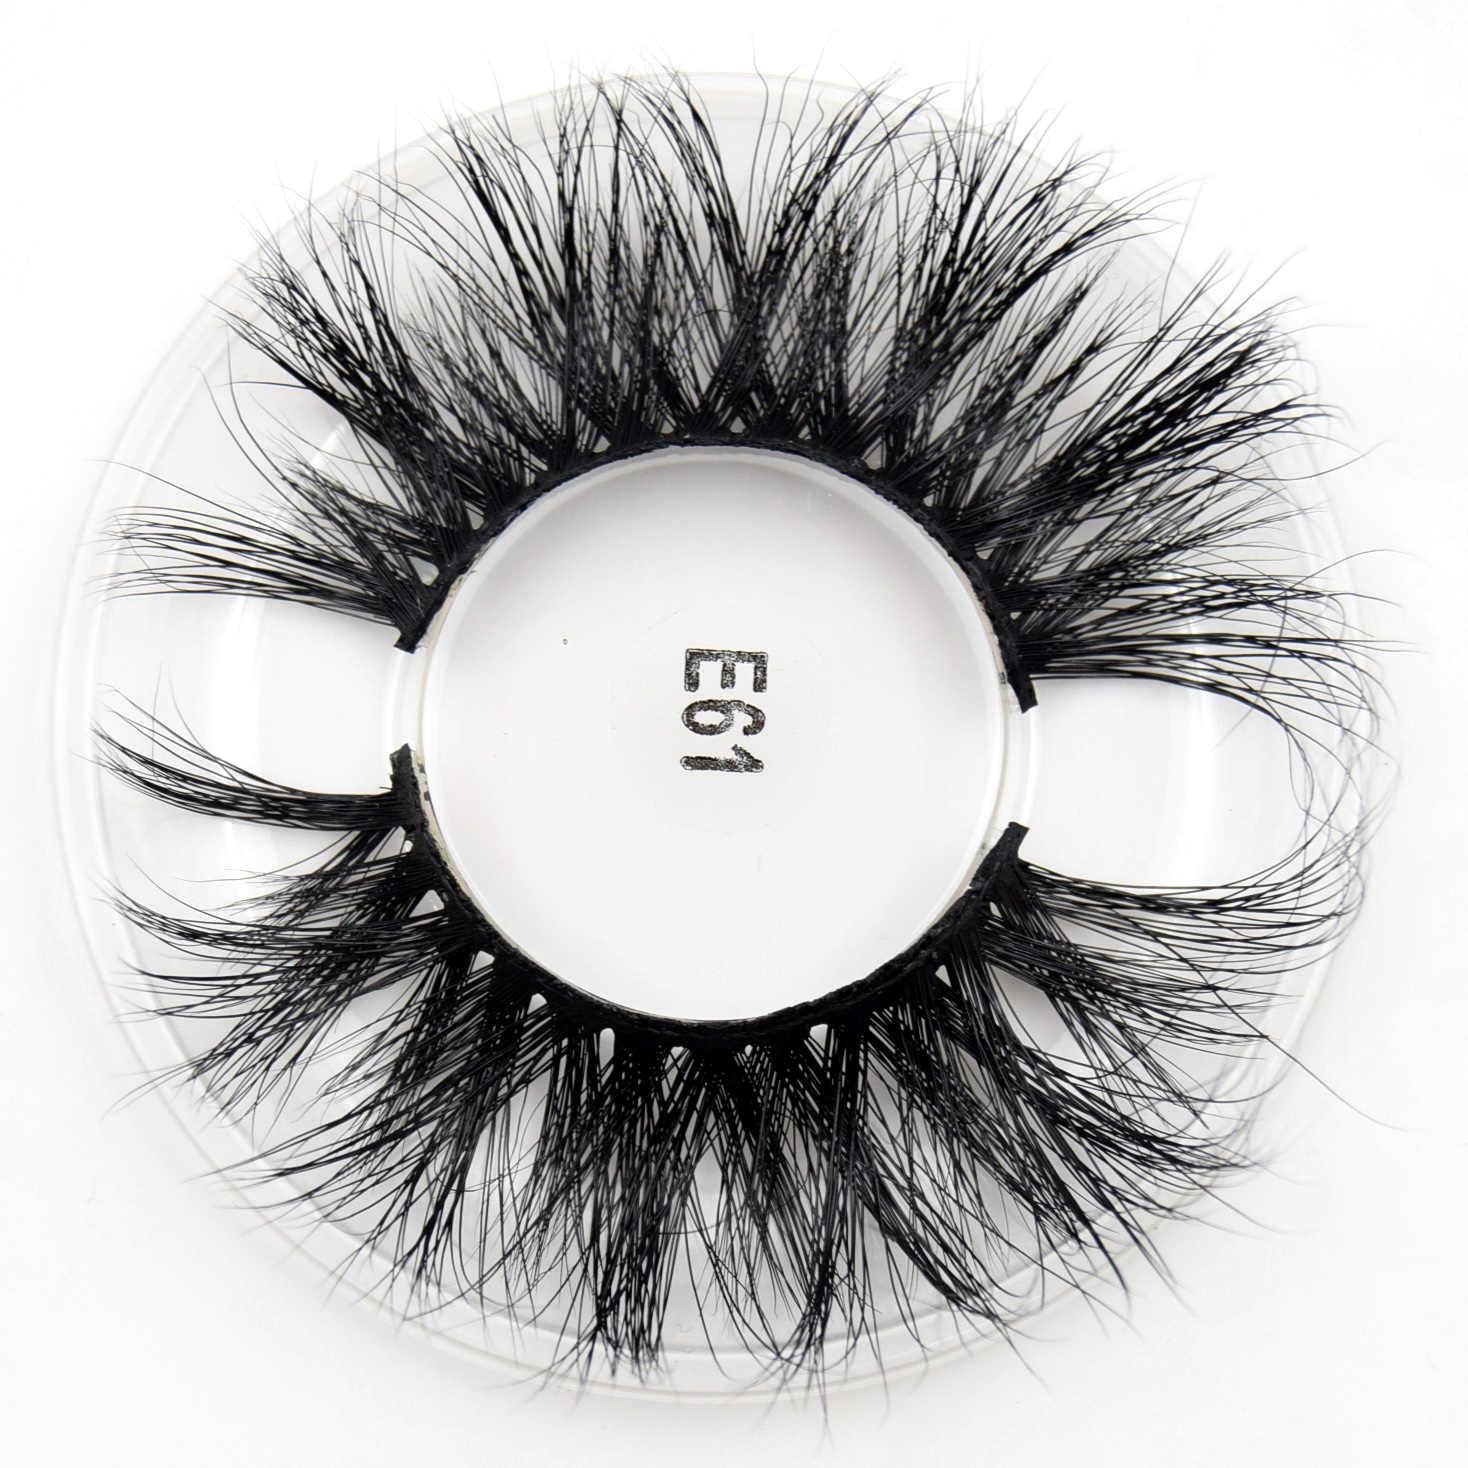 Visofree 25mm cílios 3d vison cabelo cílios postiços natural grosso longo olho cílios macios cílios beleza extensão ferramentas